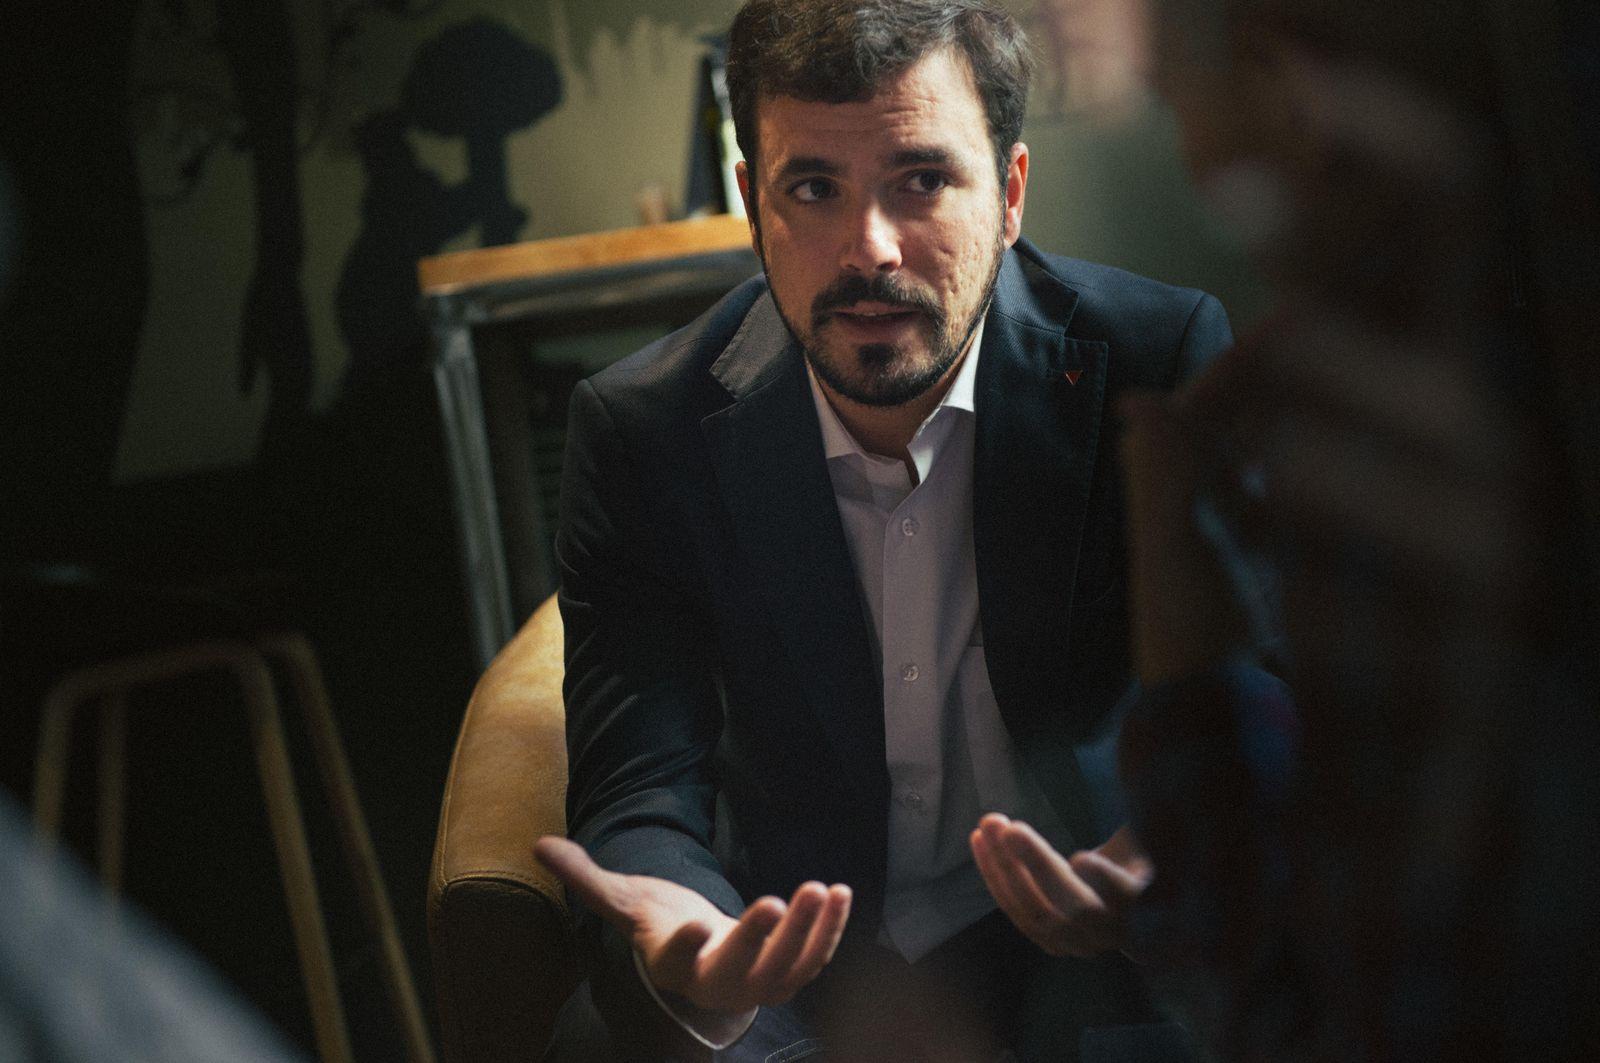 Foto: Alberto Garzón, candidato de IU a la Presidencia del Gobierno. (Foto: Pablo López Learte)